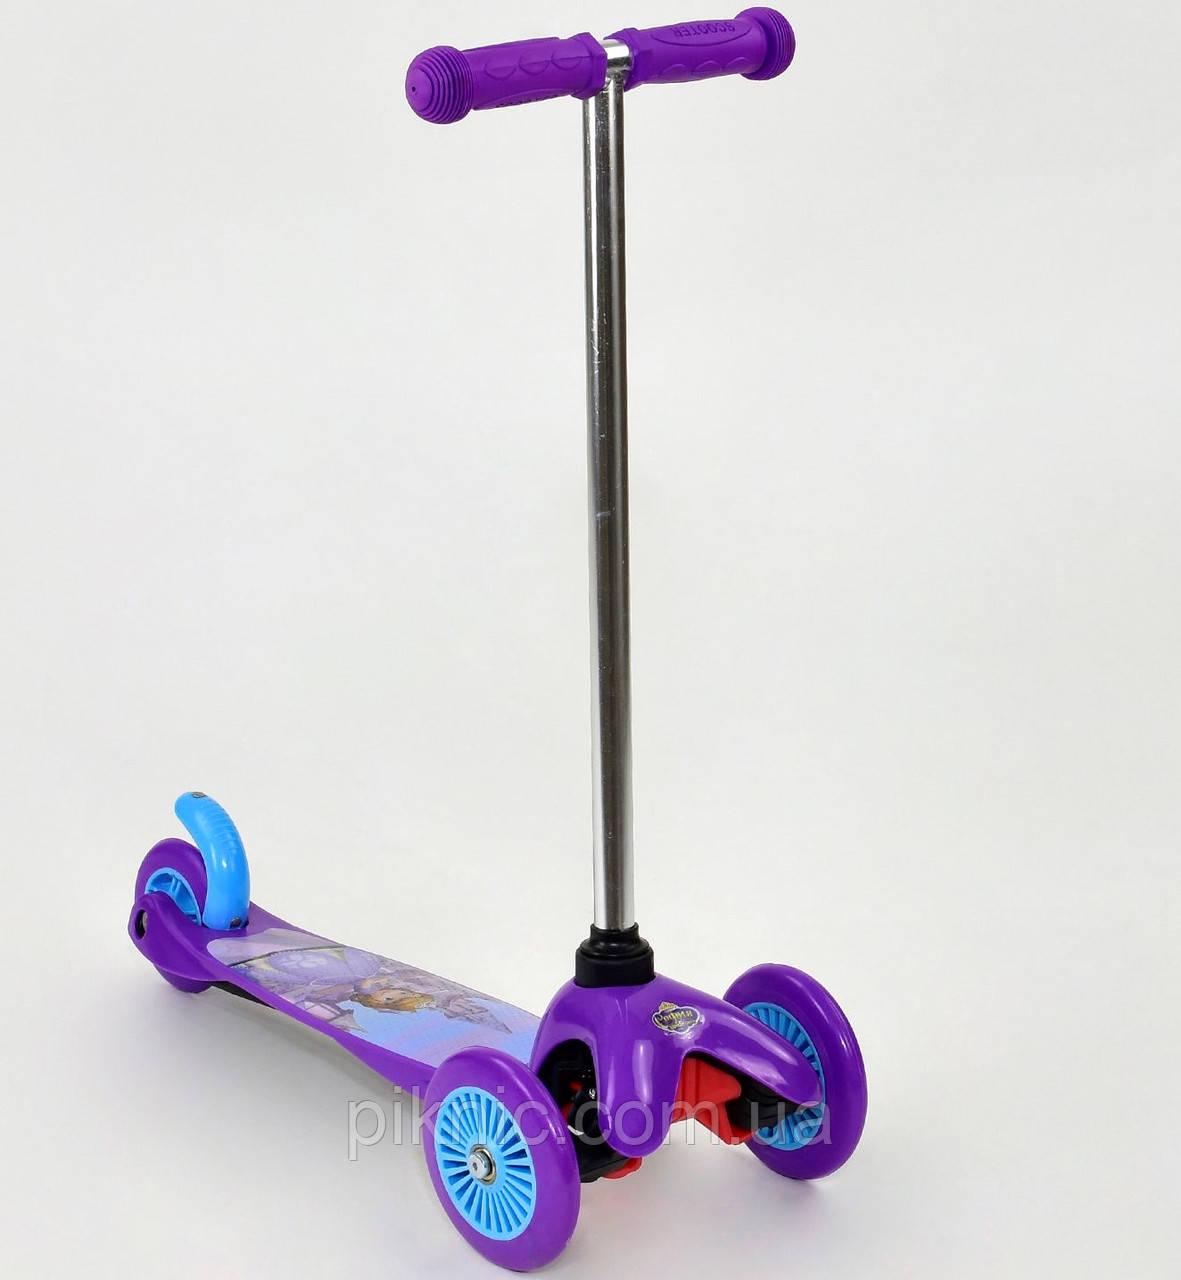 Самокат трехколесный София для девочек 3-5 лет колёса PVC, переднее колесо d=12см, заднее d=9см